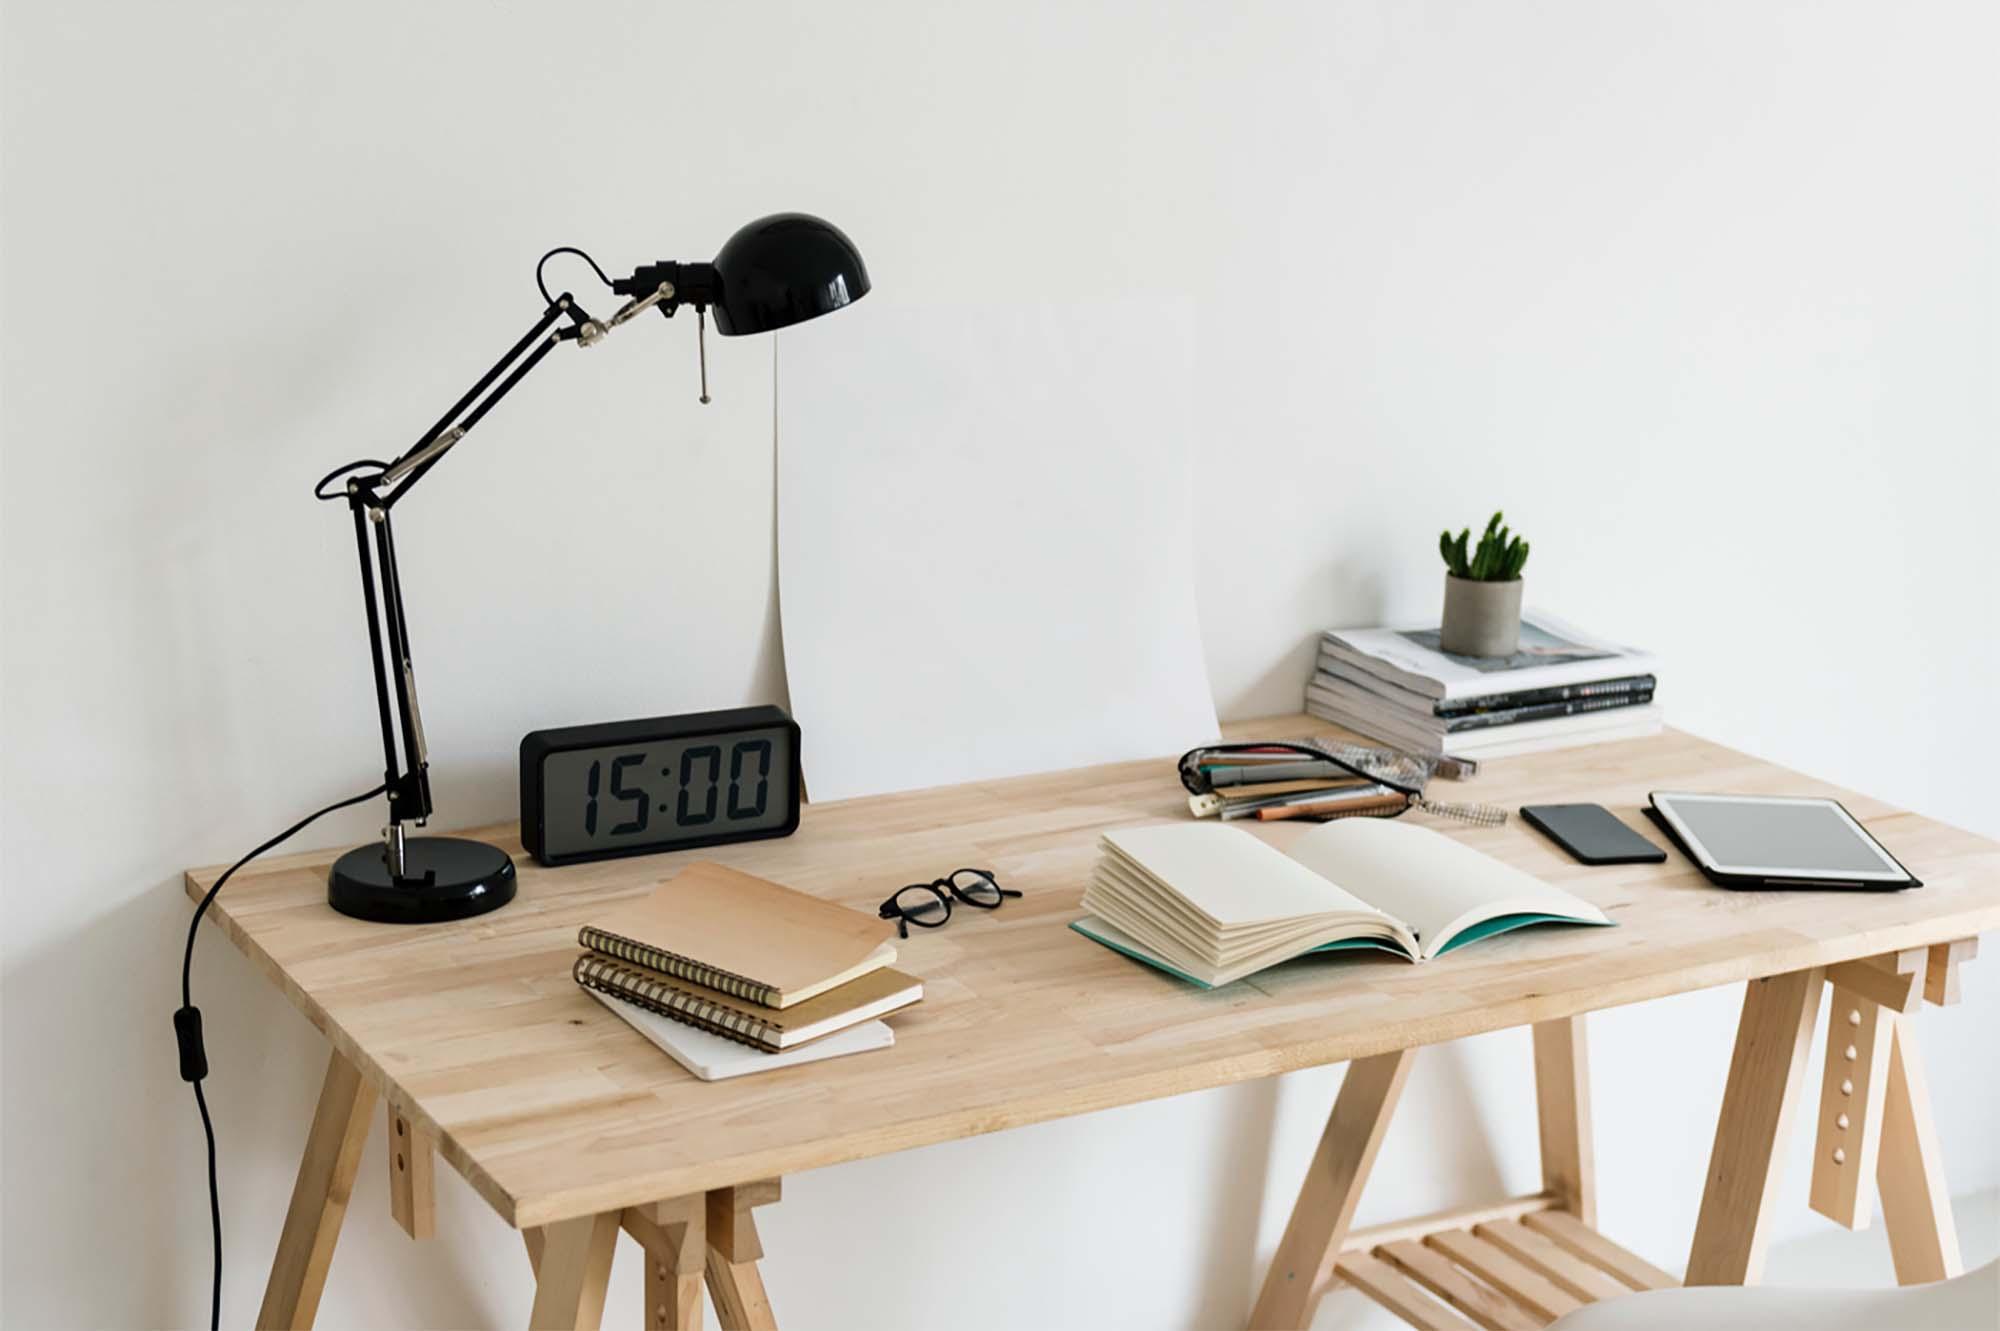 Poster on Desk Mockup 2